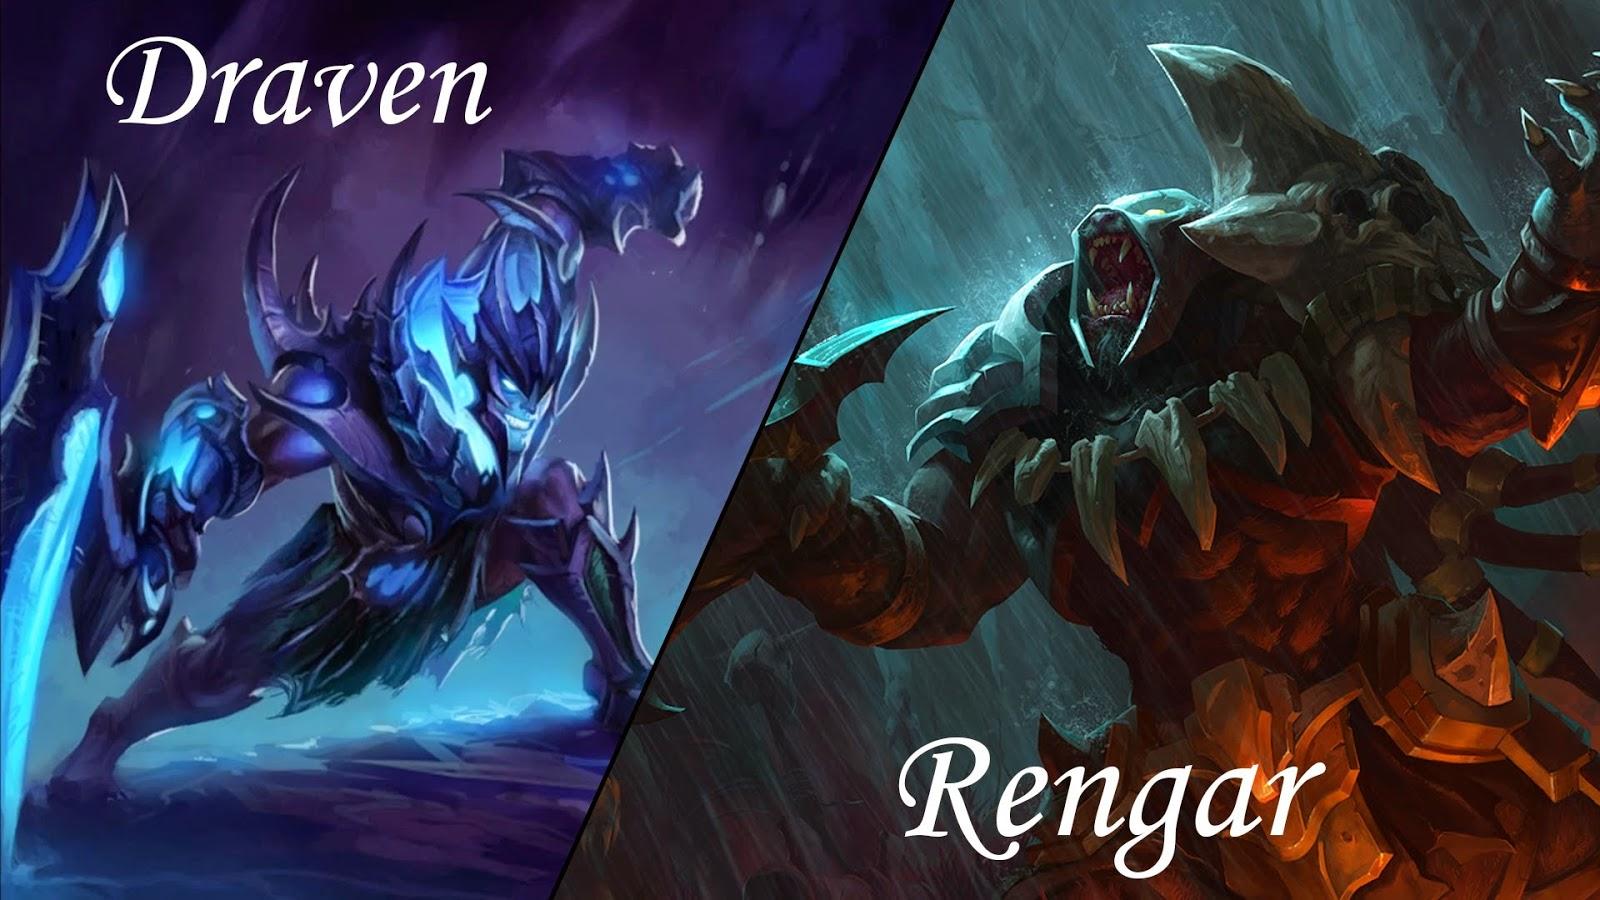 Rengar League of Legends Wallpaper, Rengar Desktop Wallpaper